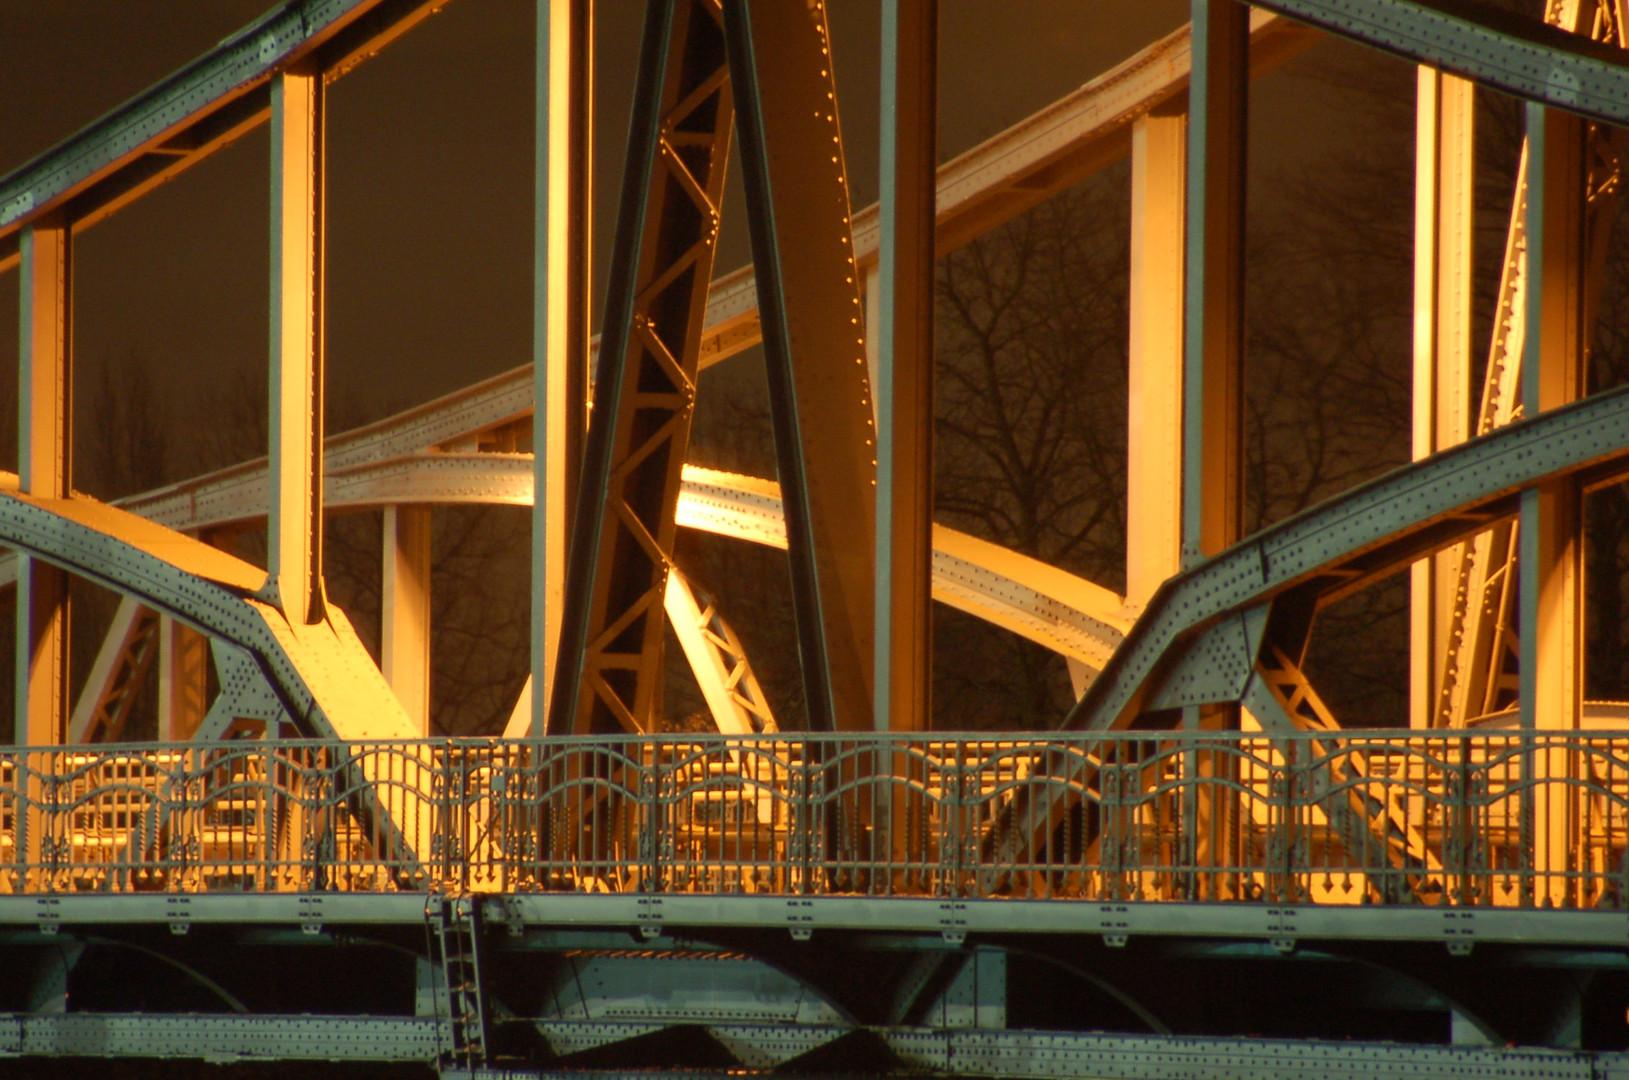 Drehbrücke aus nächster Nähe